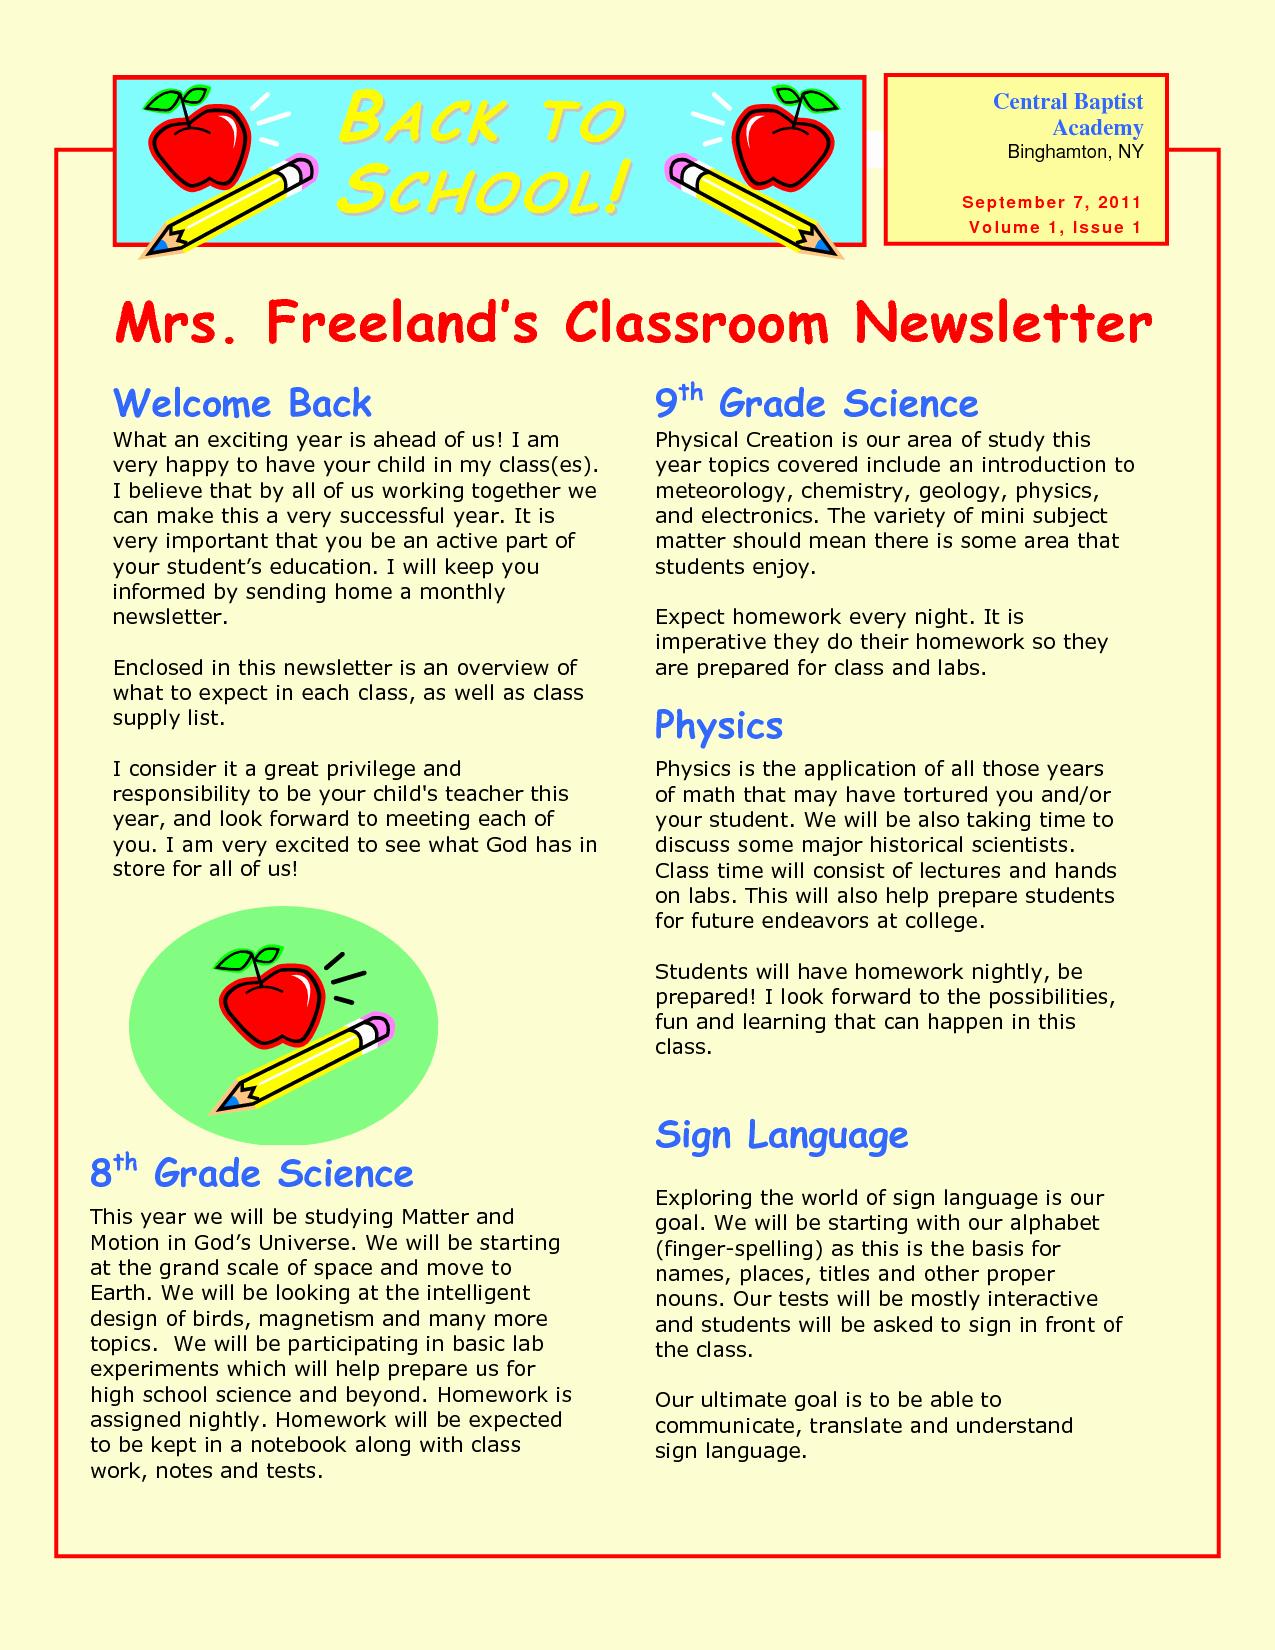 Elementary School Newsletter Template Lovely 9 Best Of Sample School Newsletter Templates Free